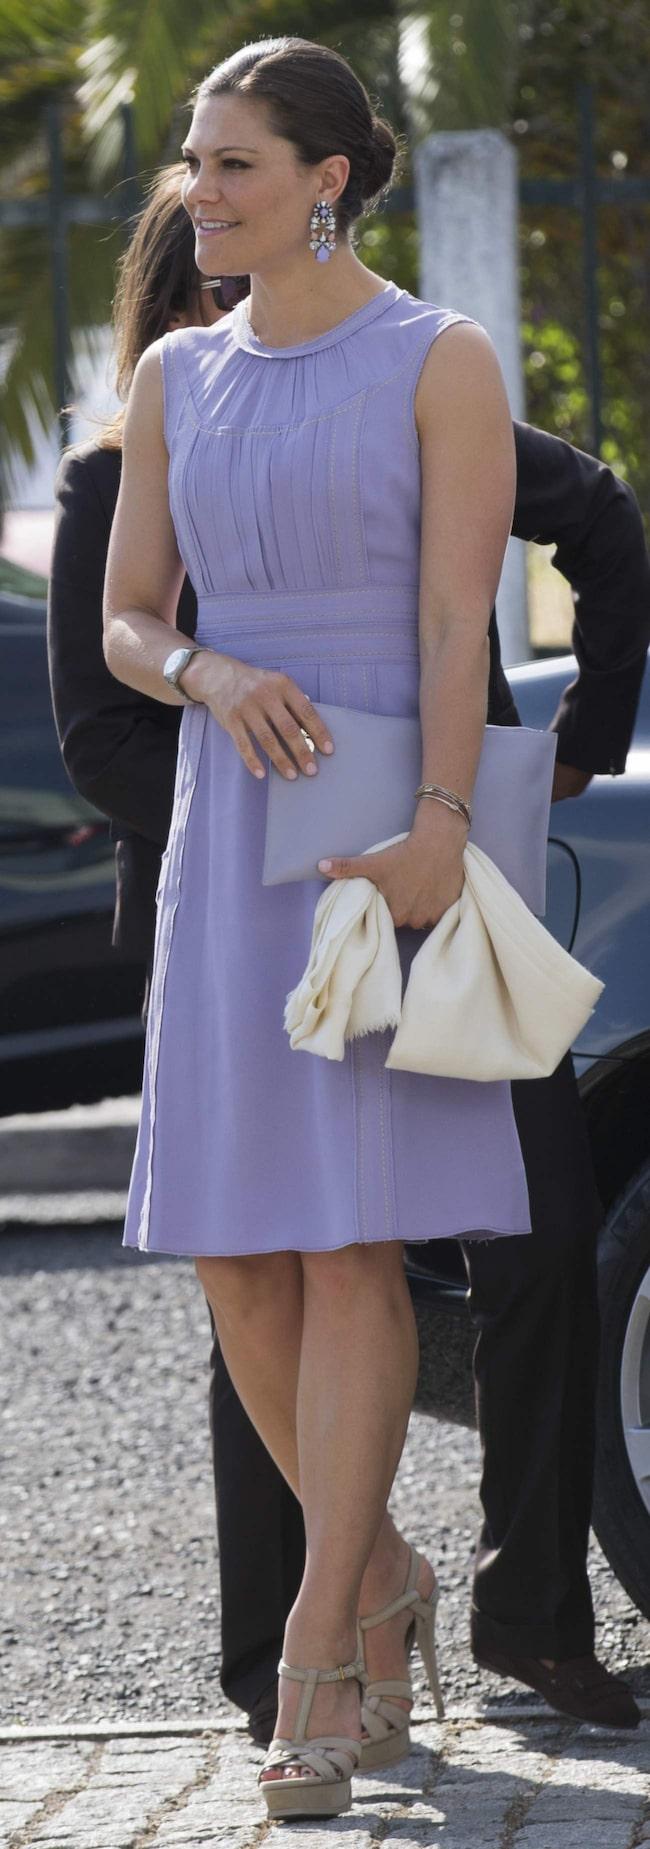 """<a href=""""http://www.expressen.se/mode/kronprinsessan-victoria---stilguide/"""">Kronprinsessan Victoria </a>i Portugal iklädd lavendelfärgad knäkort klänning och matchande kuvertväska och örhängen."""